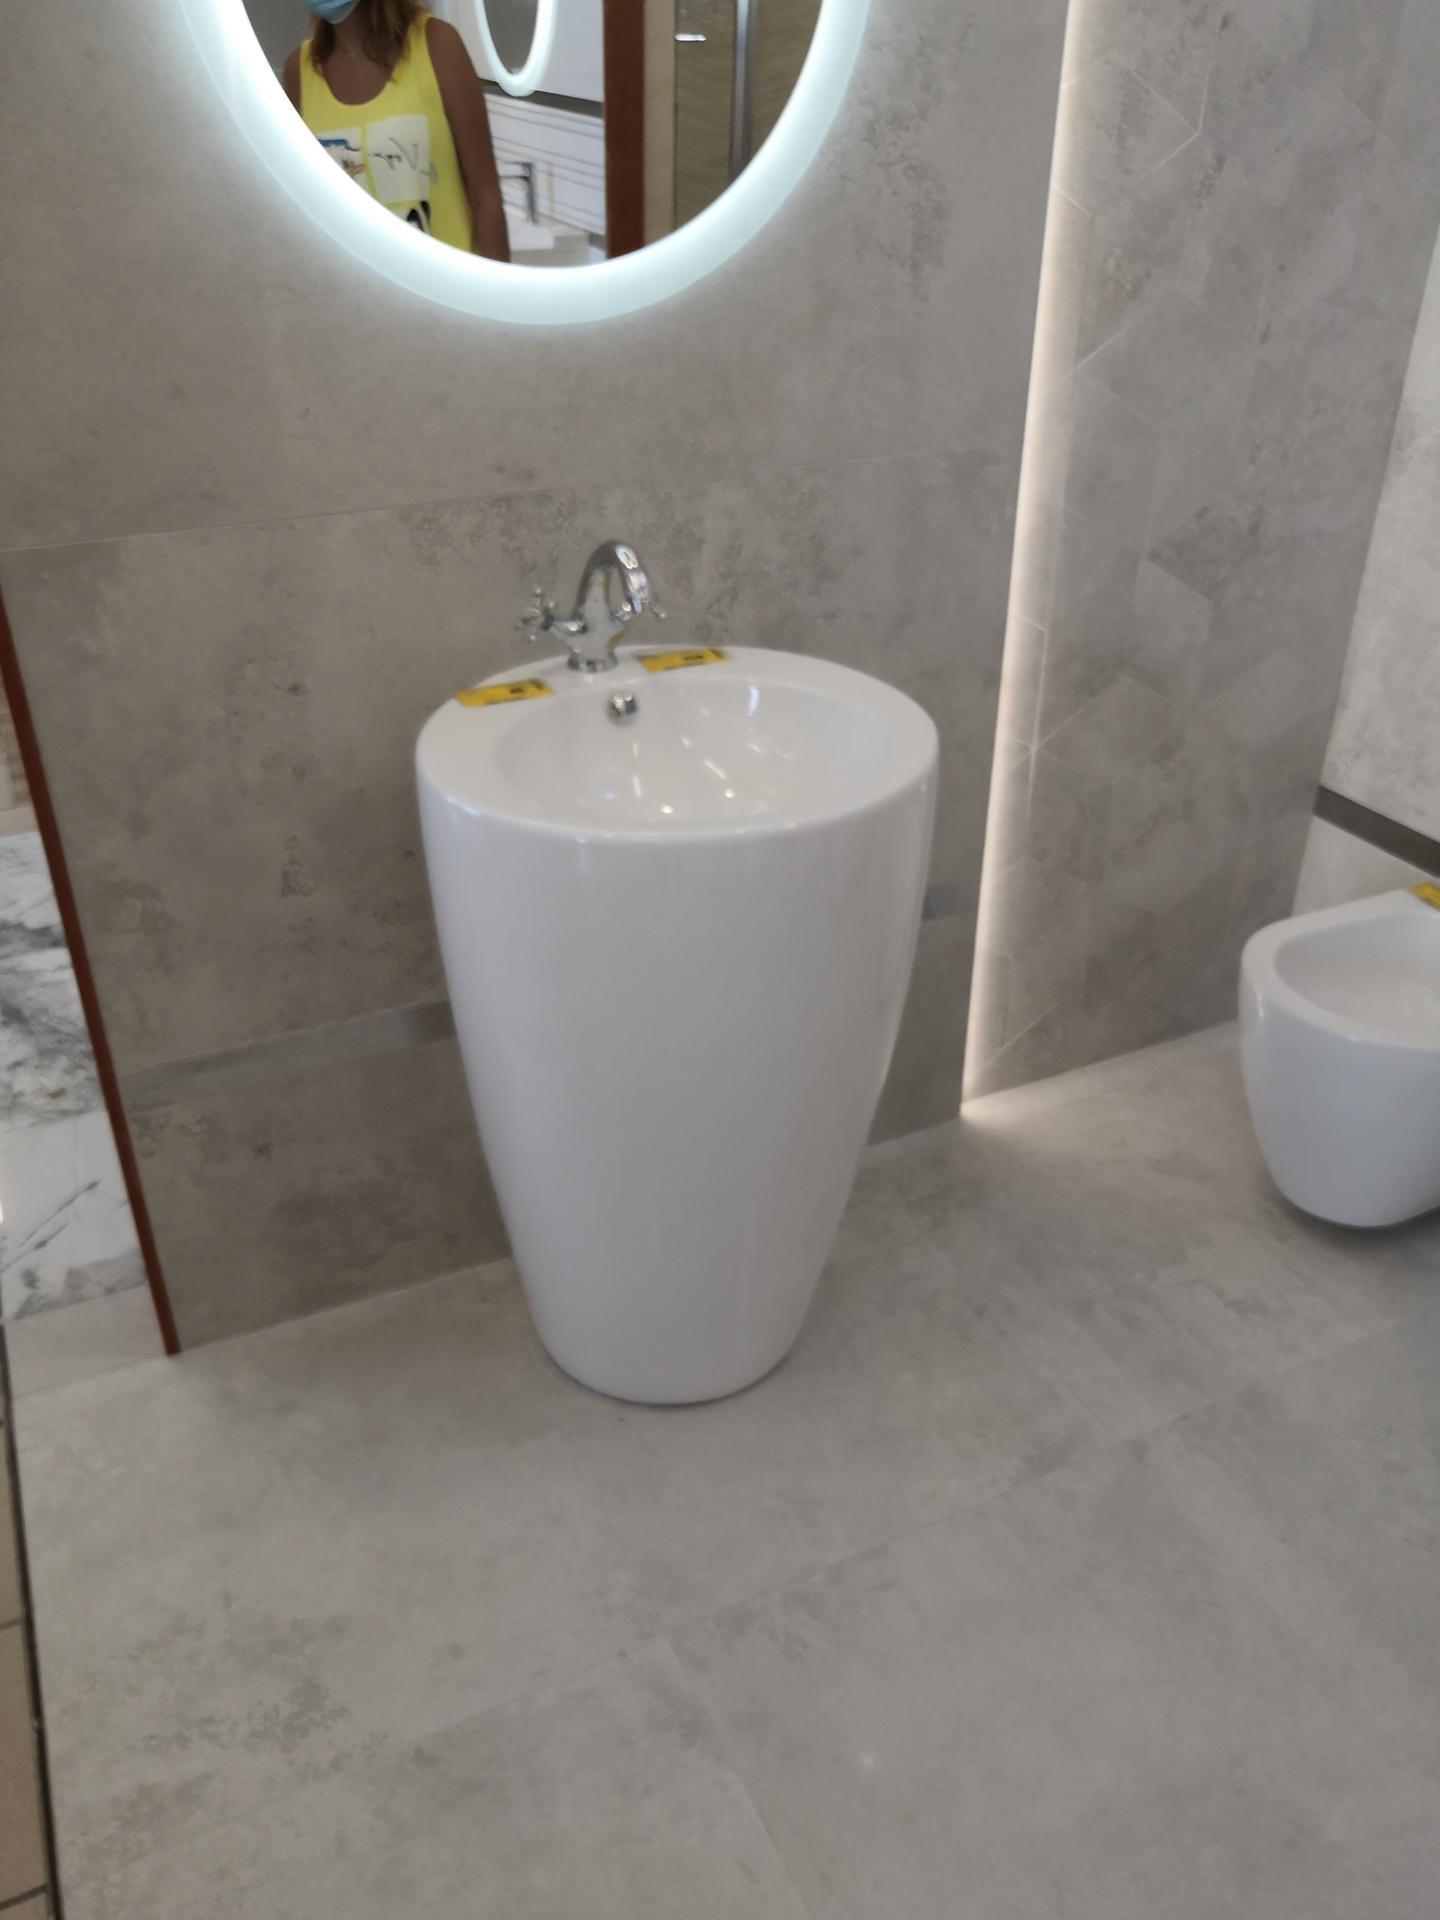 Prosím vás máte niekto takéto voľnostojace umývadlo v kúpeľni? Výhody/nevýhody? Ďakujem :) - Obrázok č. 2